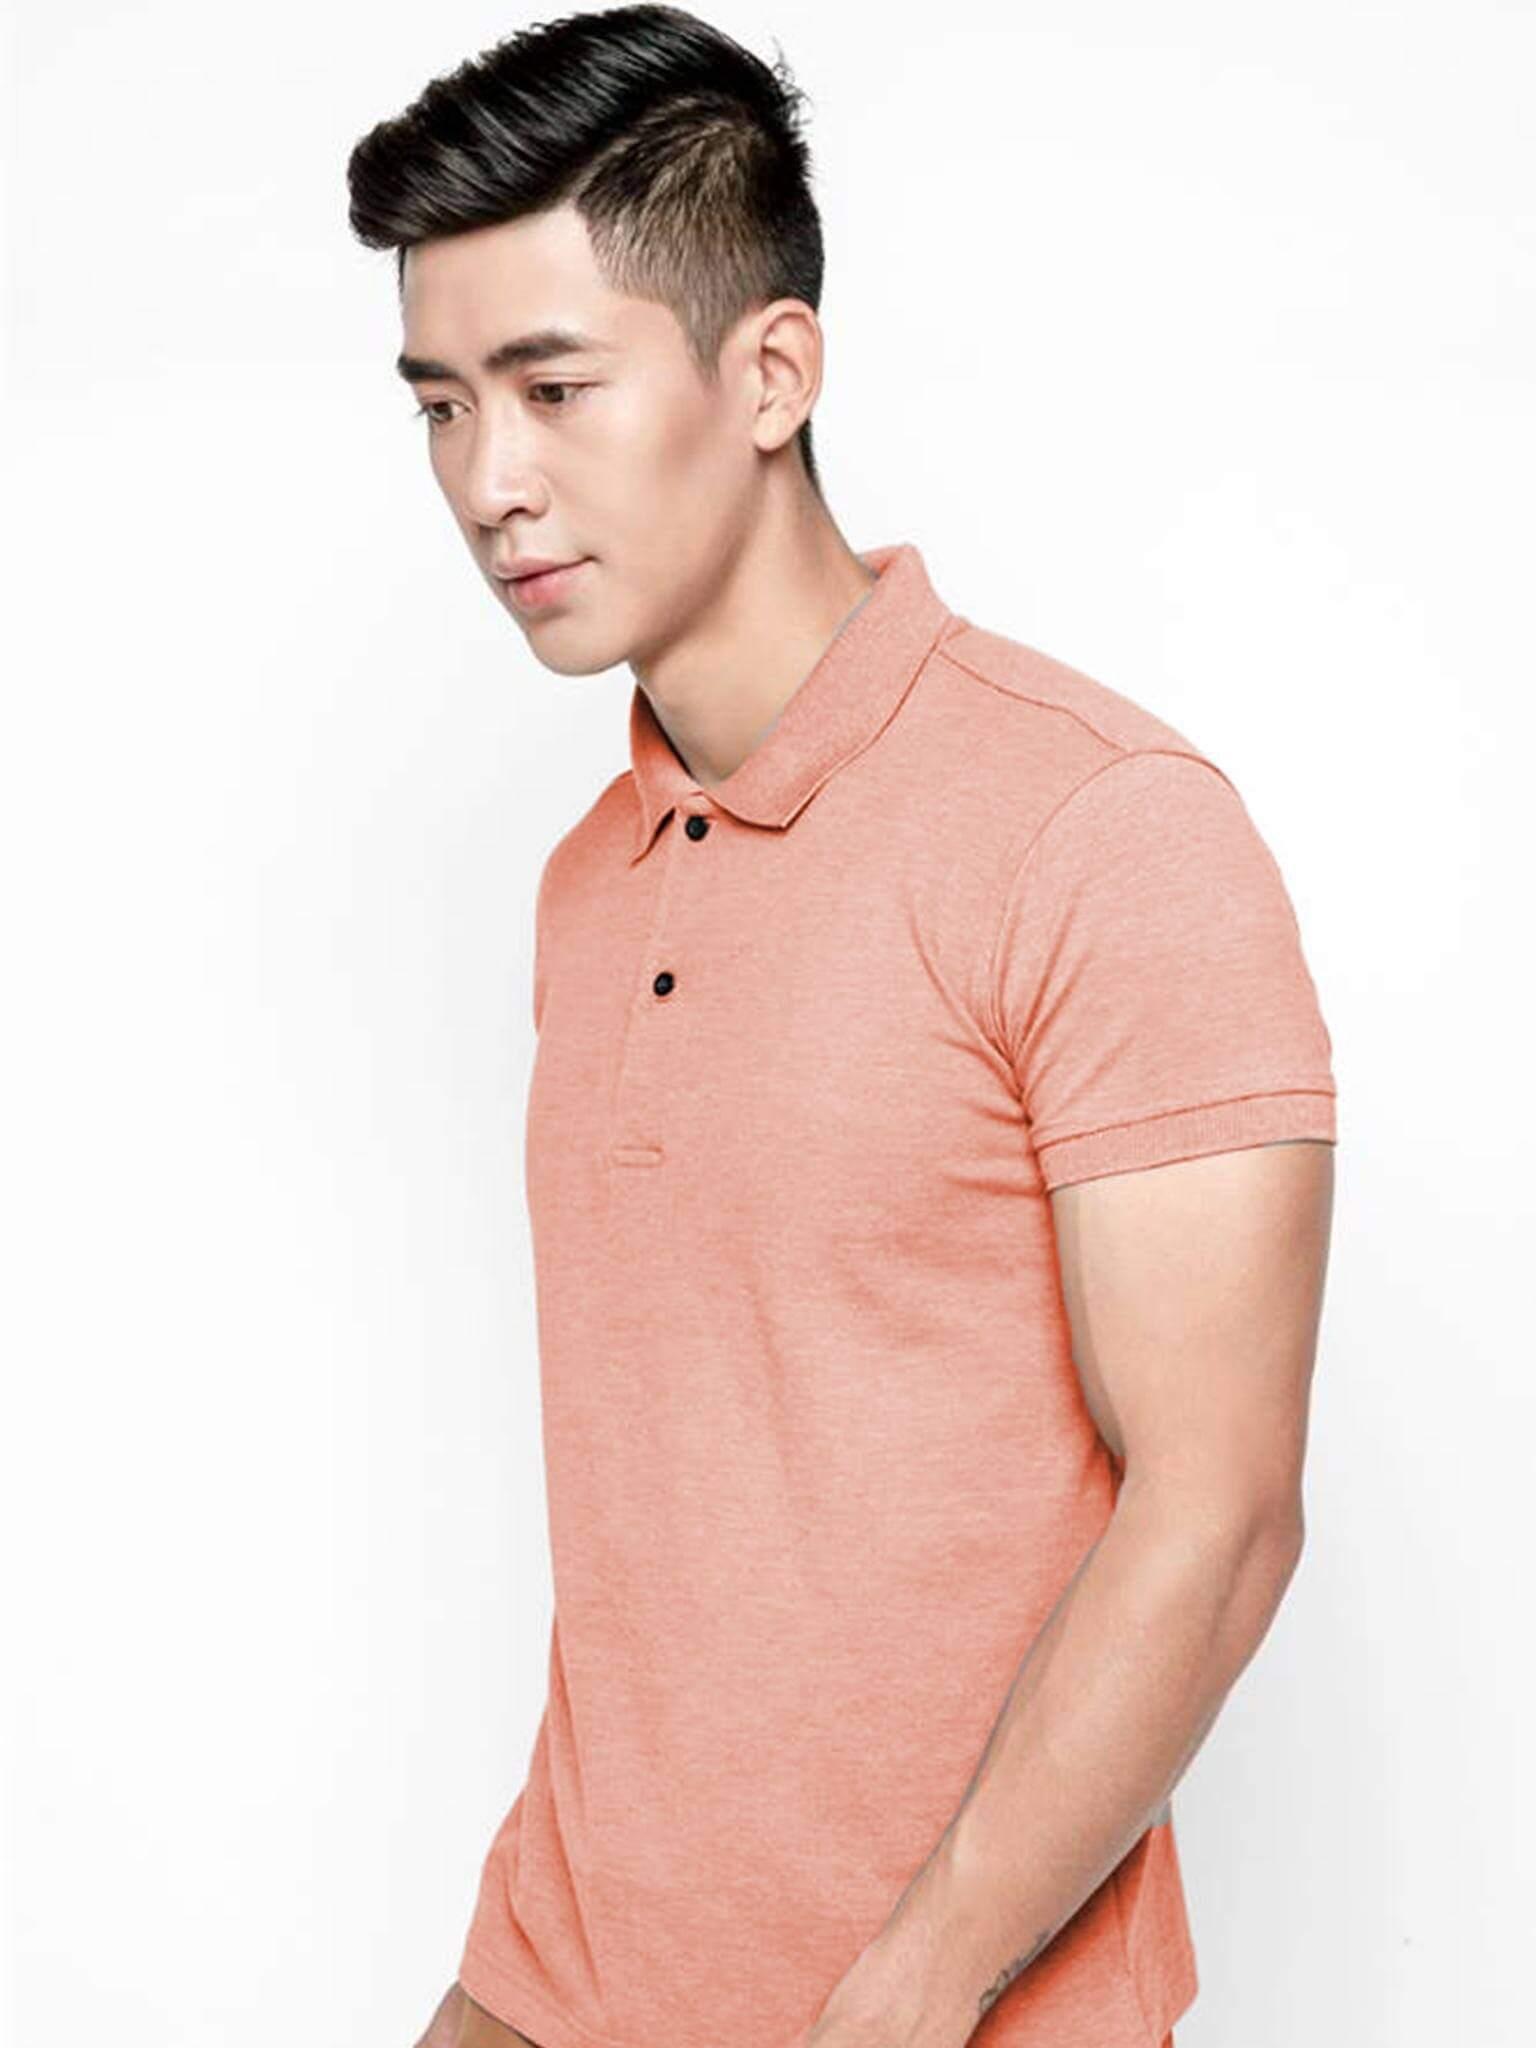 Mẫu áo đồng phục màu cam lợt